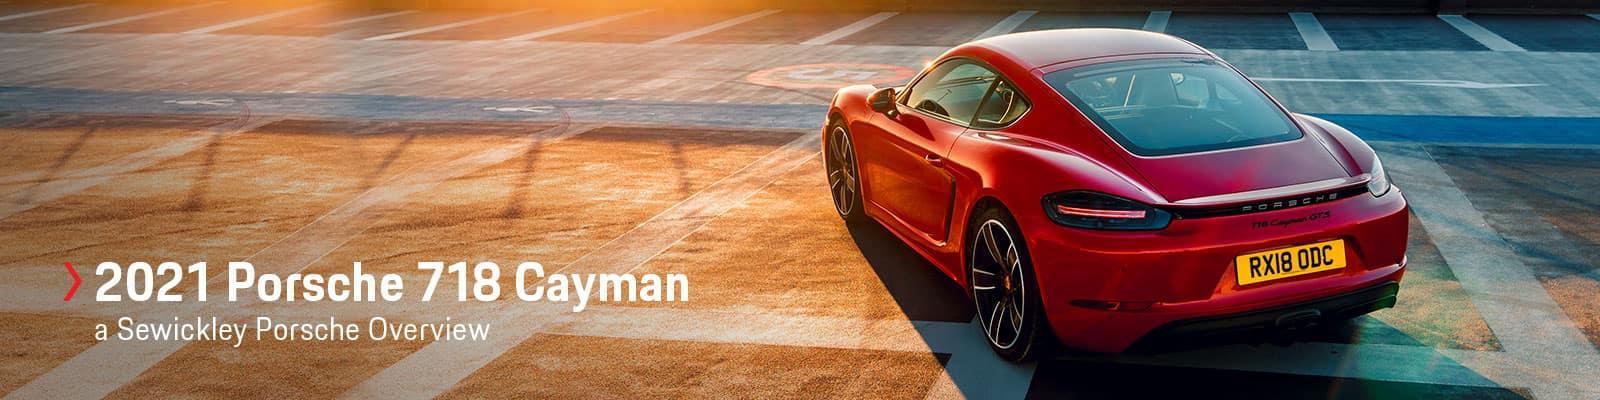 2021 Porsche 718 Cayman Model Overview at Sewickley Porsche